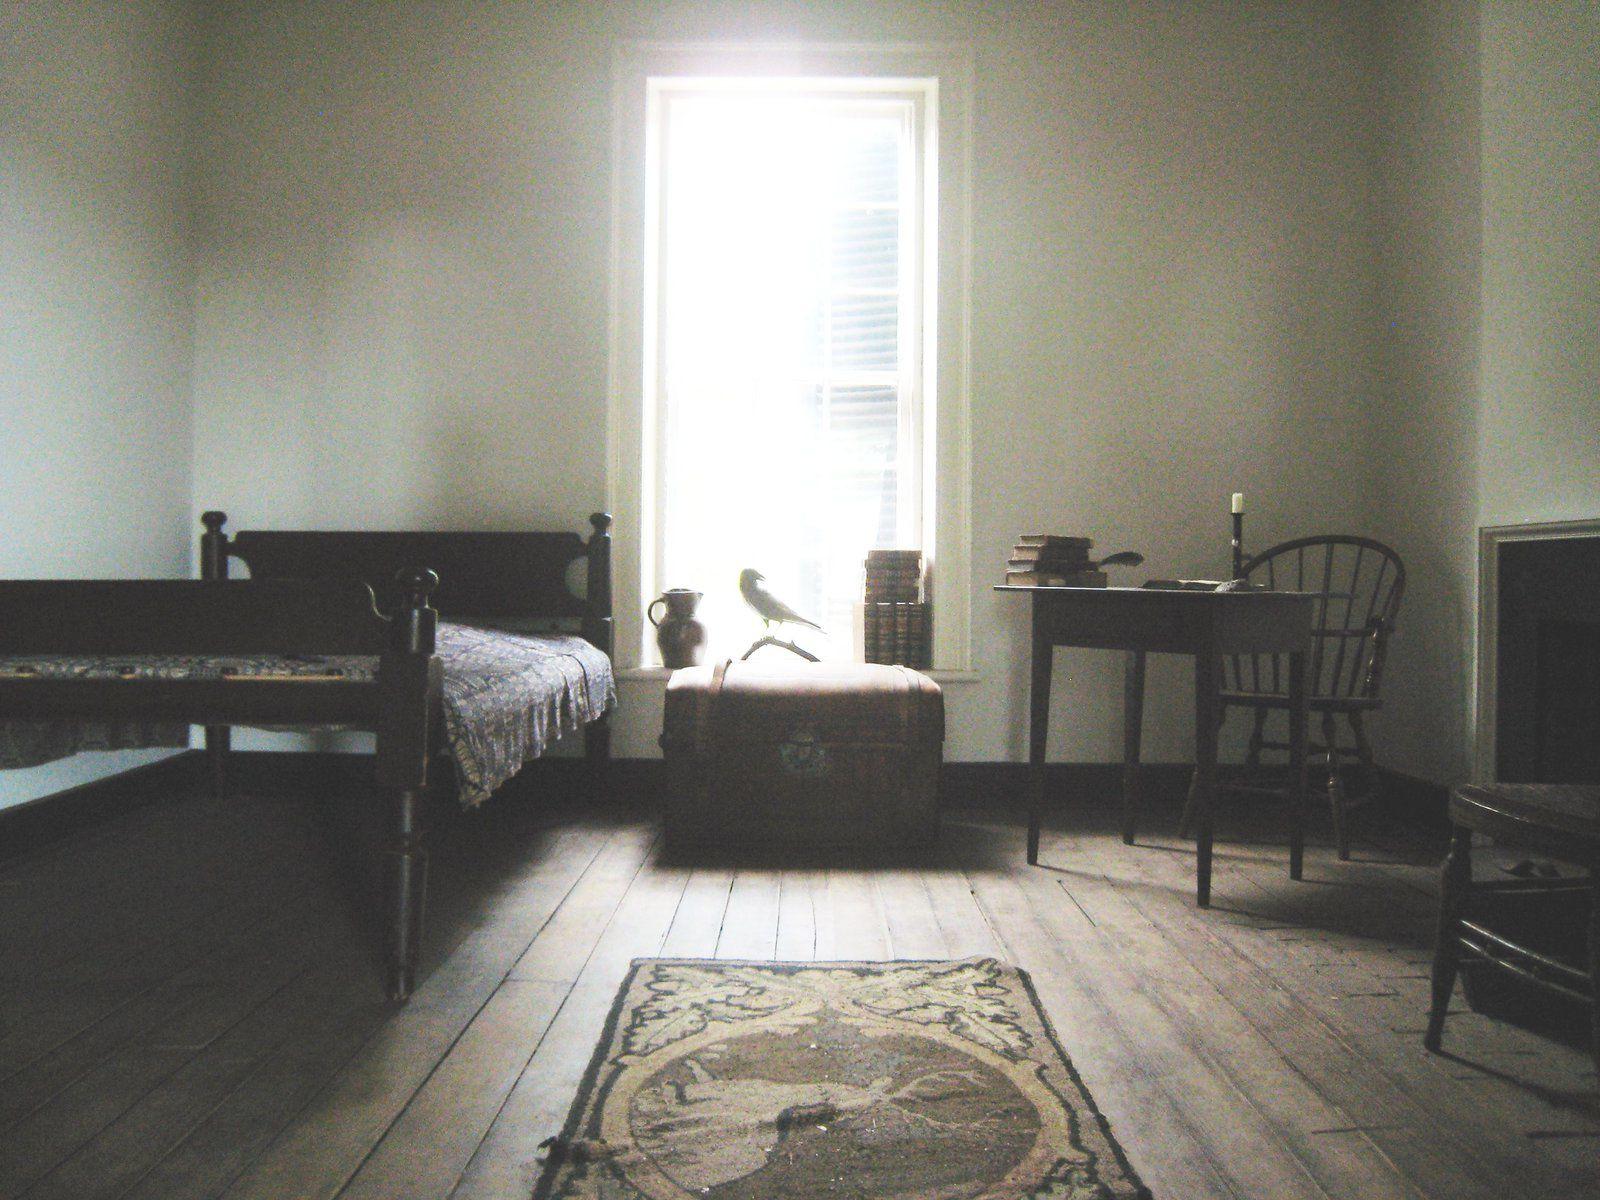 Le Corbeau de l'écrivain américain -1809 – 1849 - Edgar Allan Poe - traduit par Charles Baudelaire